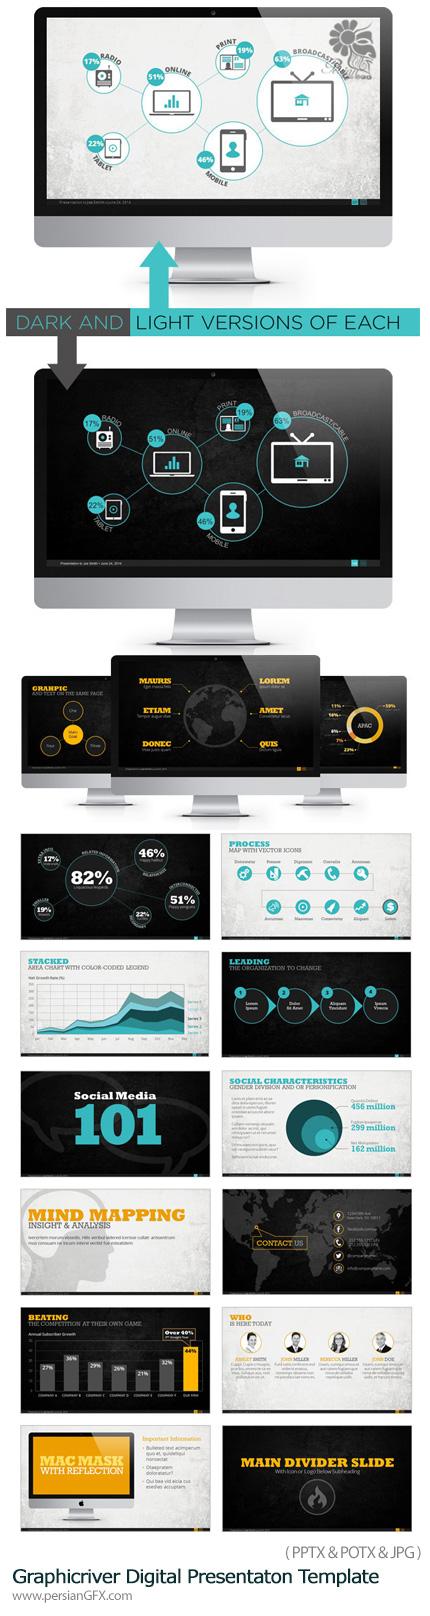 دانلود مجموعه قالب های آماده تجاری دیجیتالی پاورپوینت از گرافیک ریور - Graphicriver Premium Digital Presentaton Template